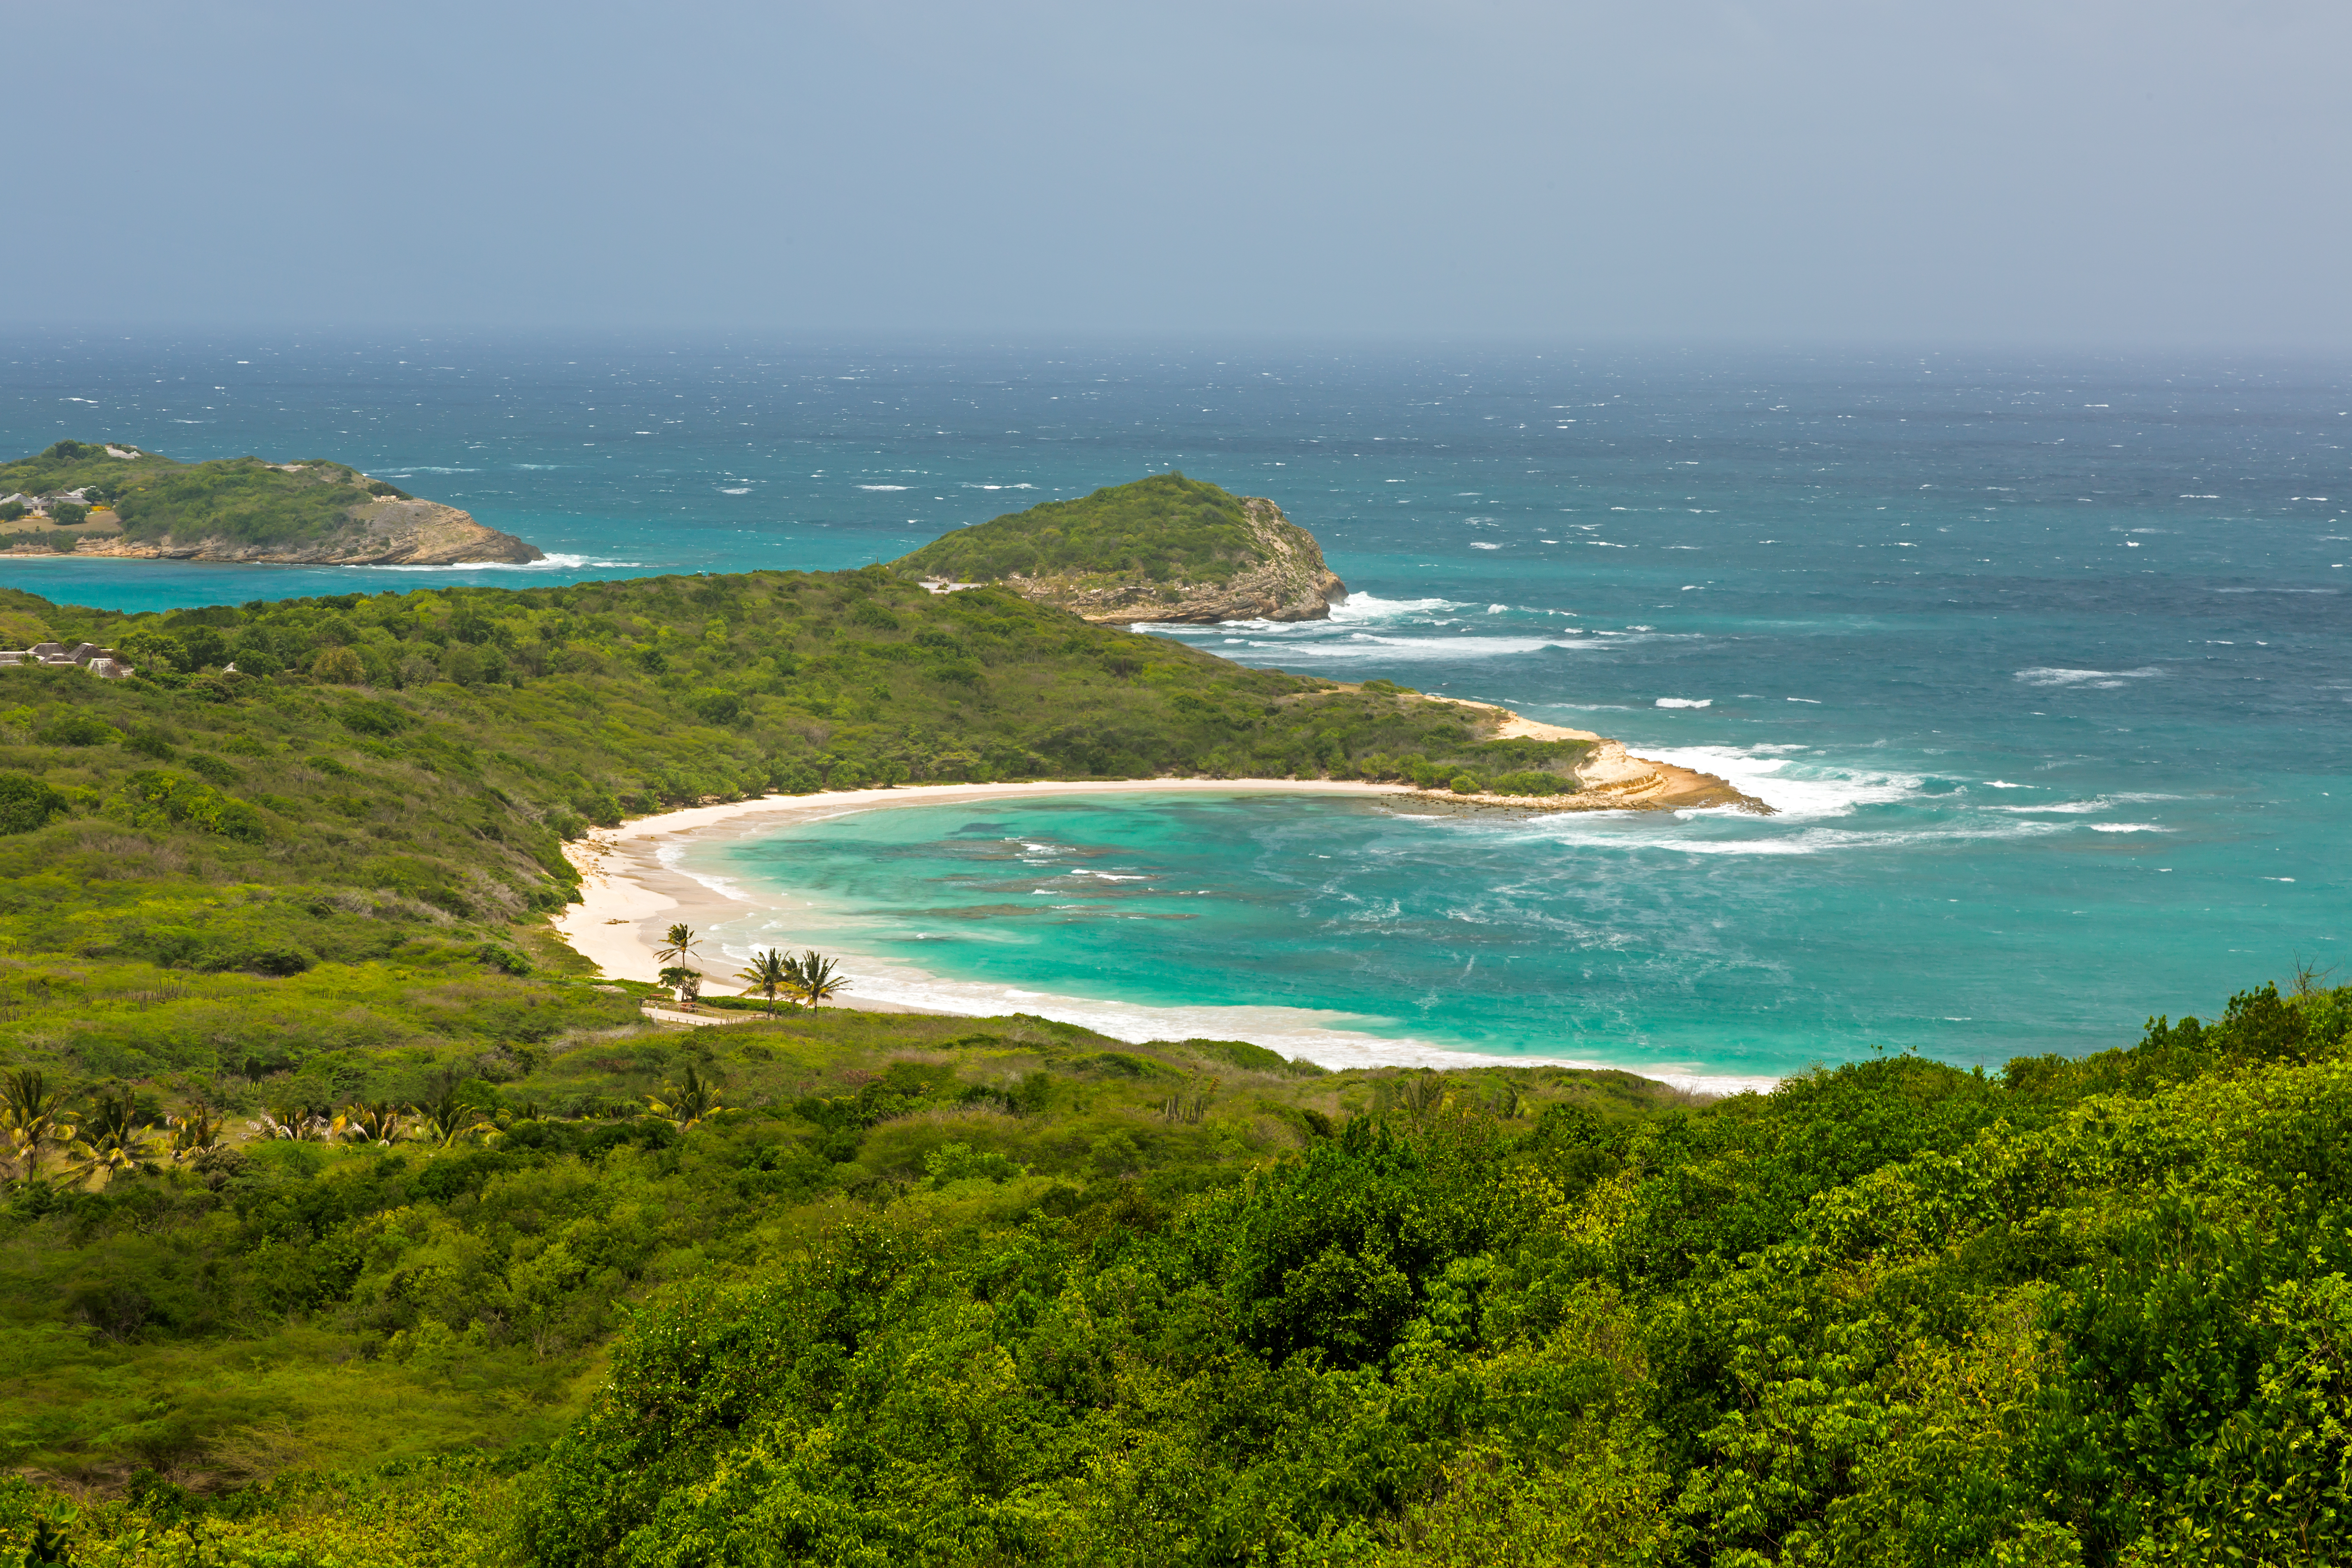 Esta impresionante playa de Antigua es realmente una joya escondida con el lujo que solo una isla de aguas color esmeralda y luz dorada puede obtener. Casi una extensión de 1.6 kilómetros de arenas rosadas suaves se encuentran con aguas gemadas que se adaptan tanto a los aventureros del windsurf como a los exploradores de snorkel